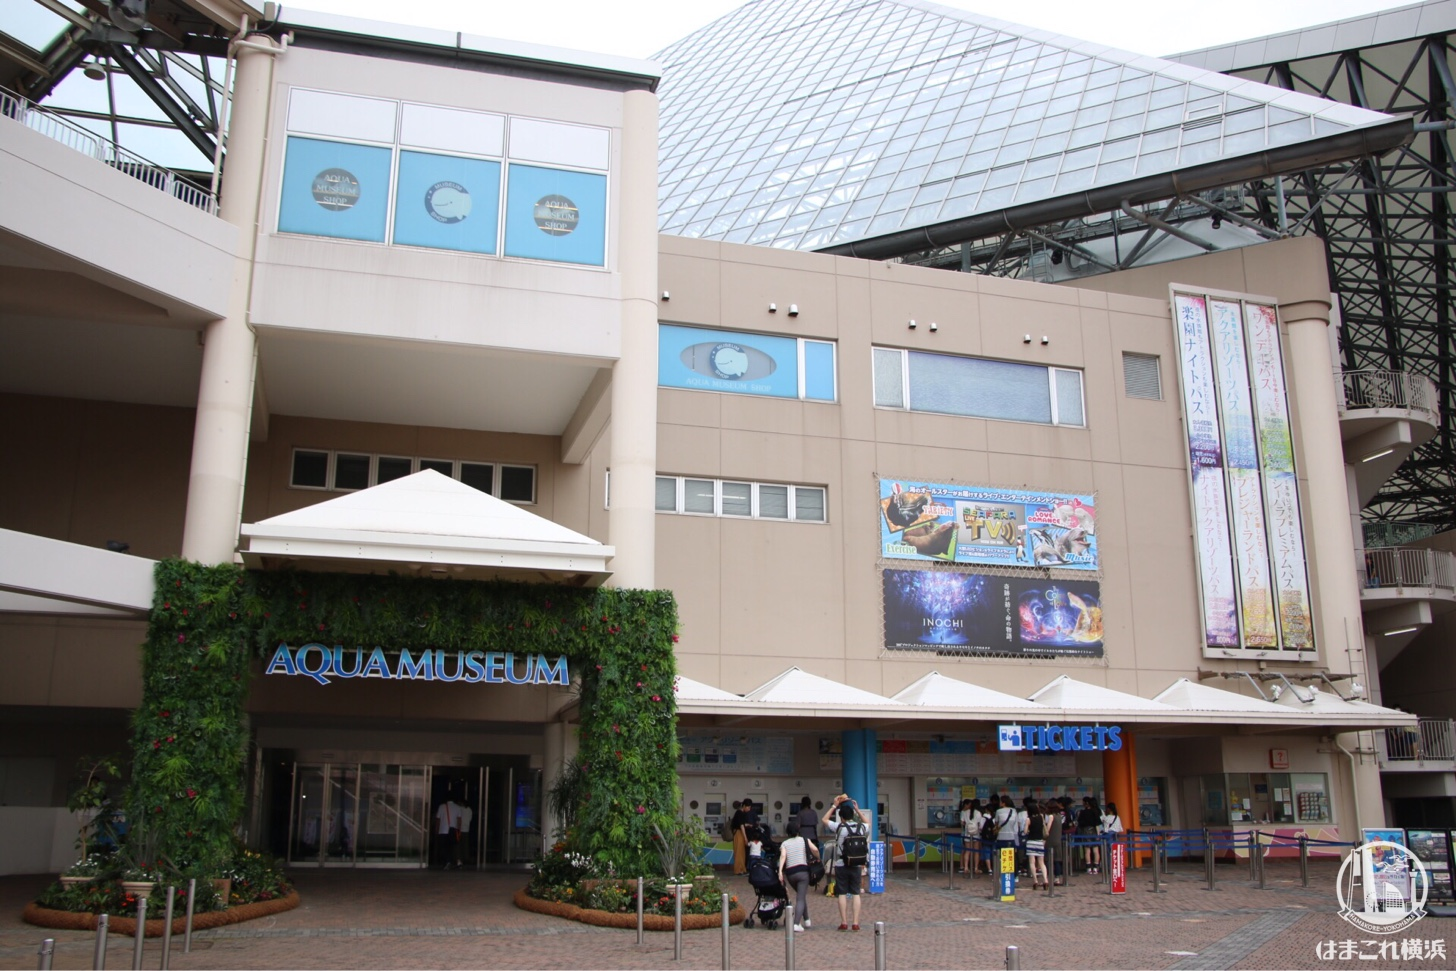 横浜・八景島シーパラダイス アクアミュージアム 外観